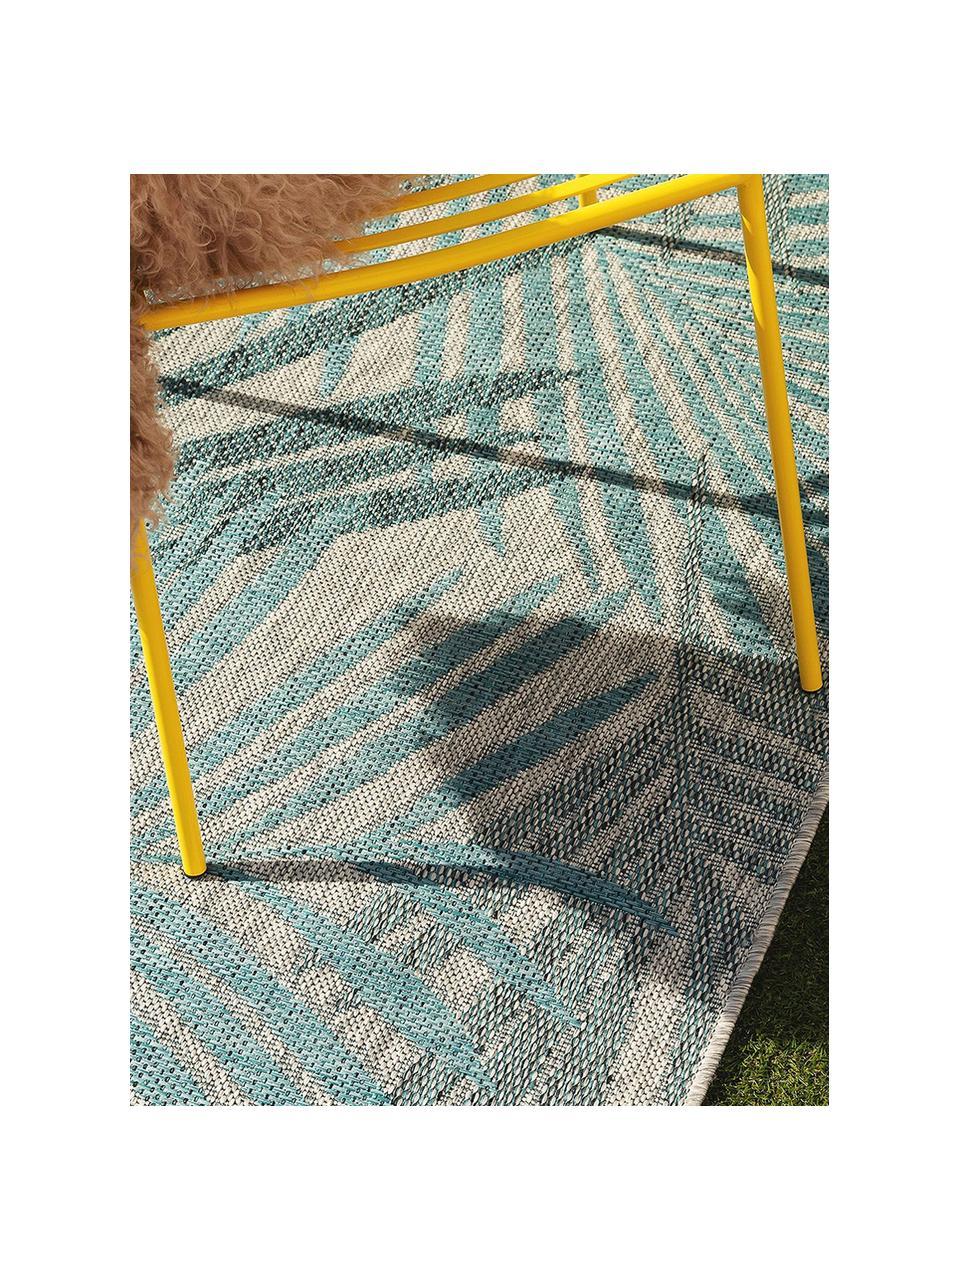 Dywan wewnętrzny/zewnętrzny Cleo, 90% polipropylen, 10% poliester, Niebieski, S 80 x D 150 cm (Rozmiar XS)